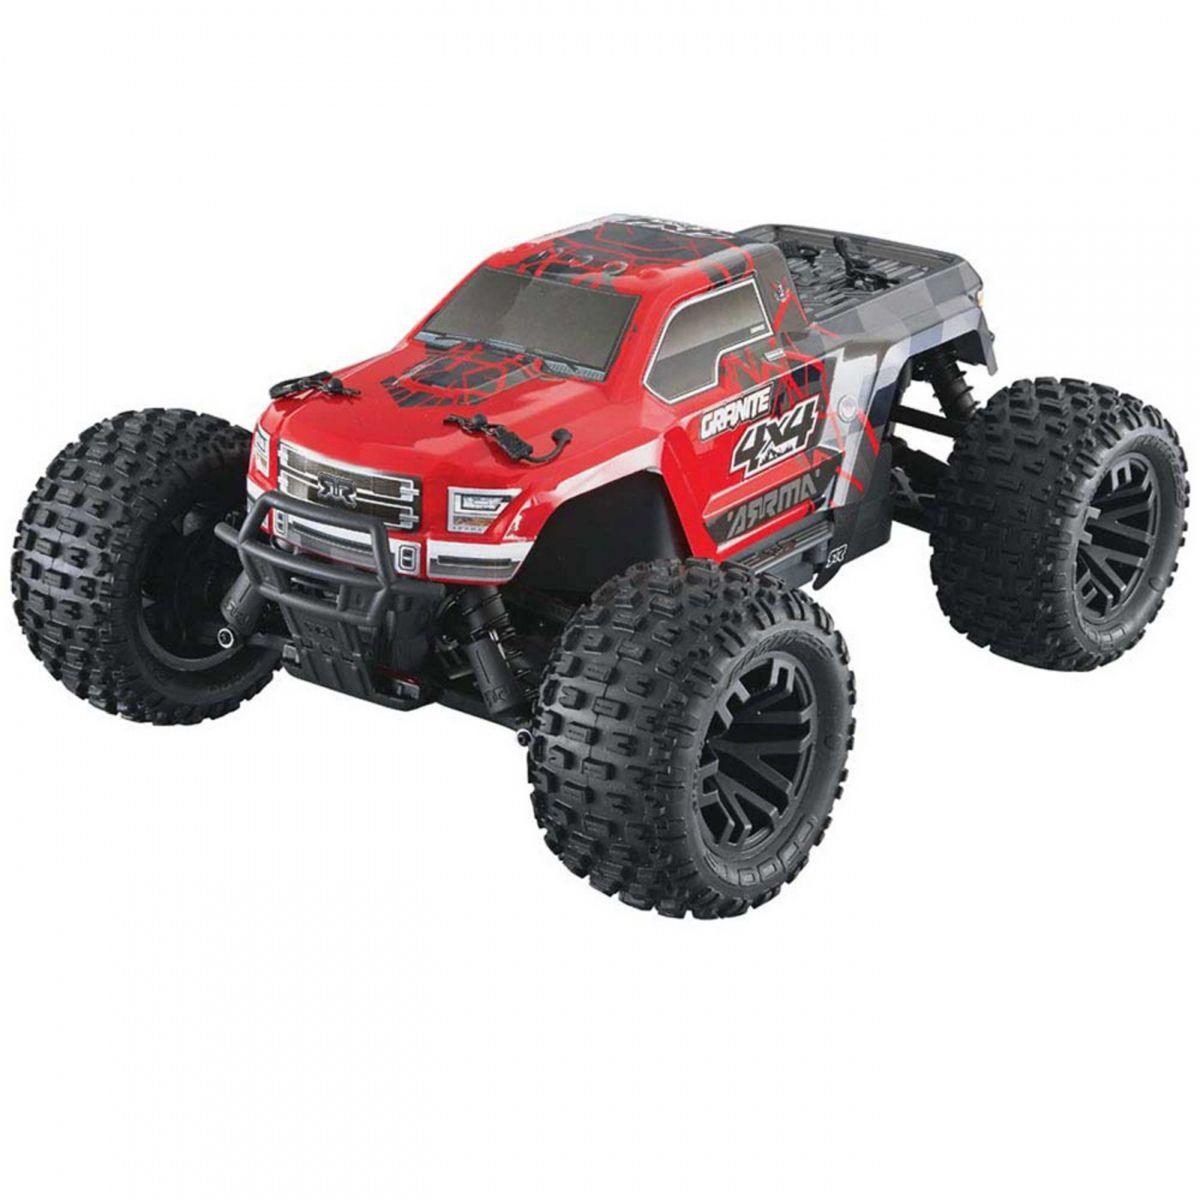 Arrma Granite 4x4 Mega Monster Truck Red 1/10 rtr 3